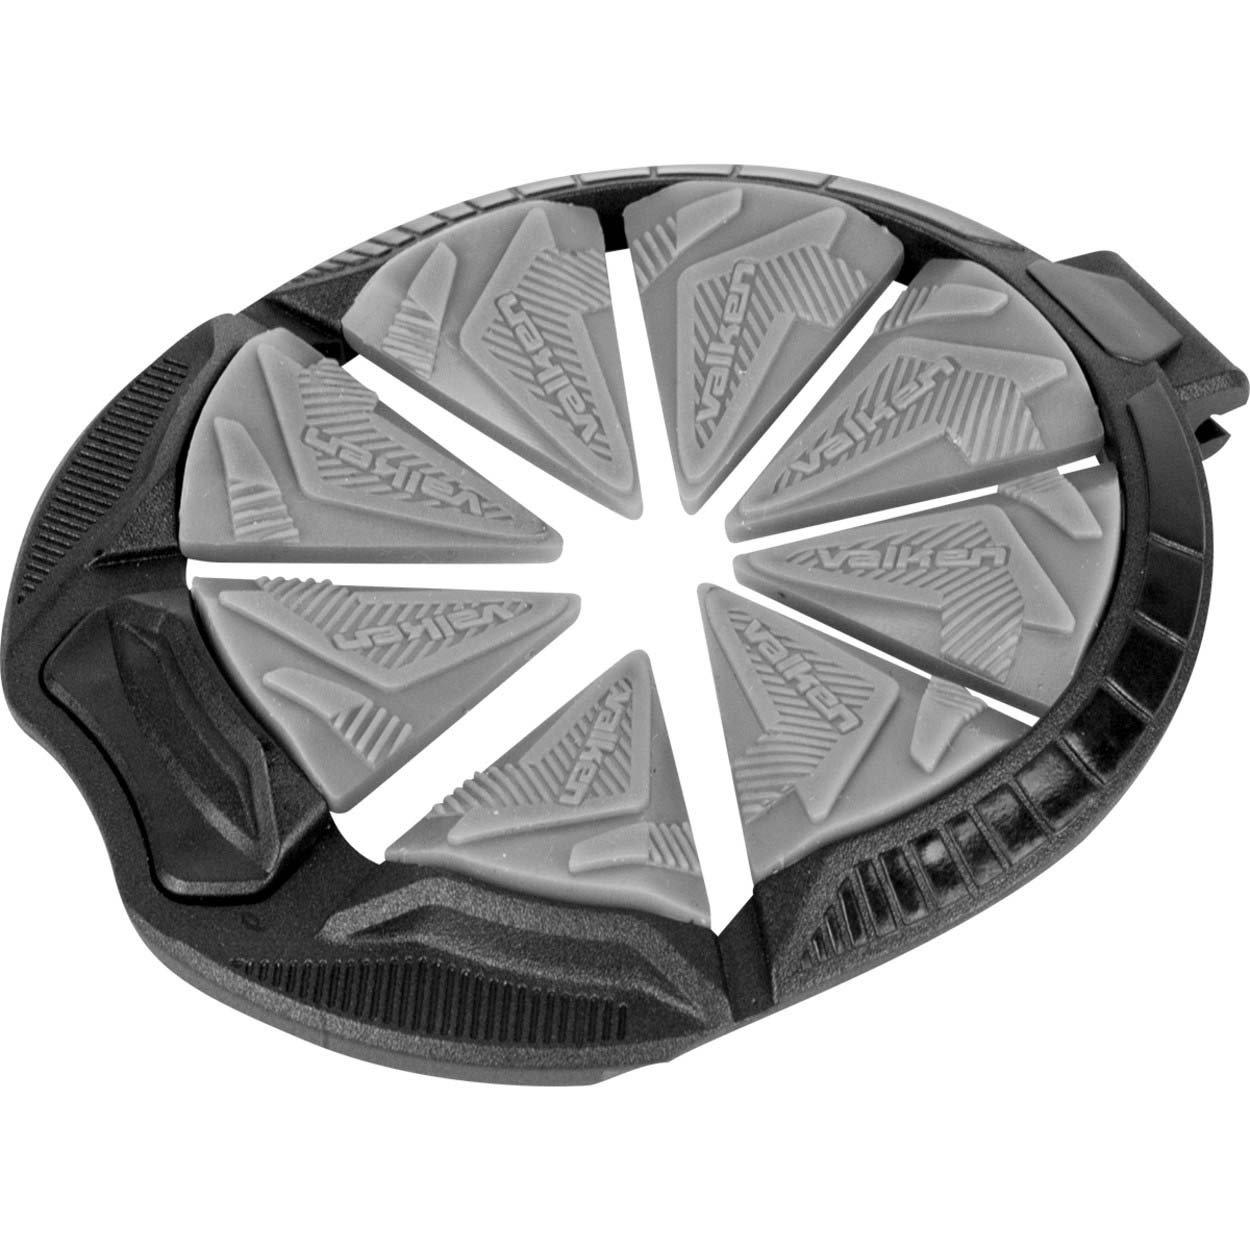 Valken Paintball VSL Loader Accessory - Speed Feed - Black/Grey by Valken